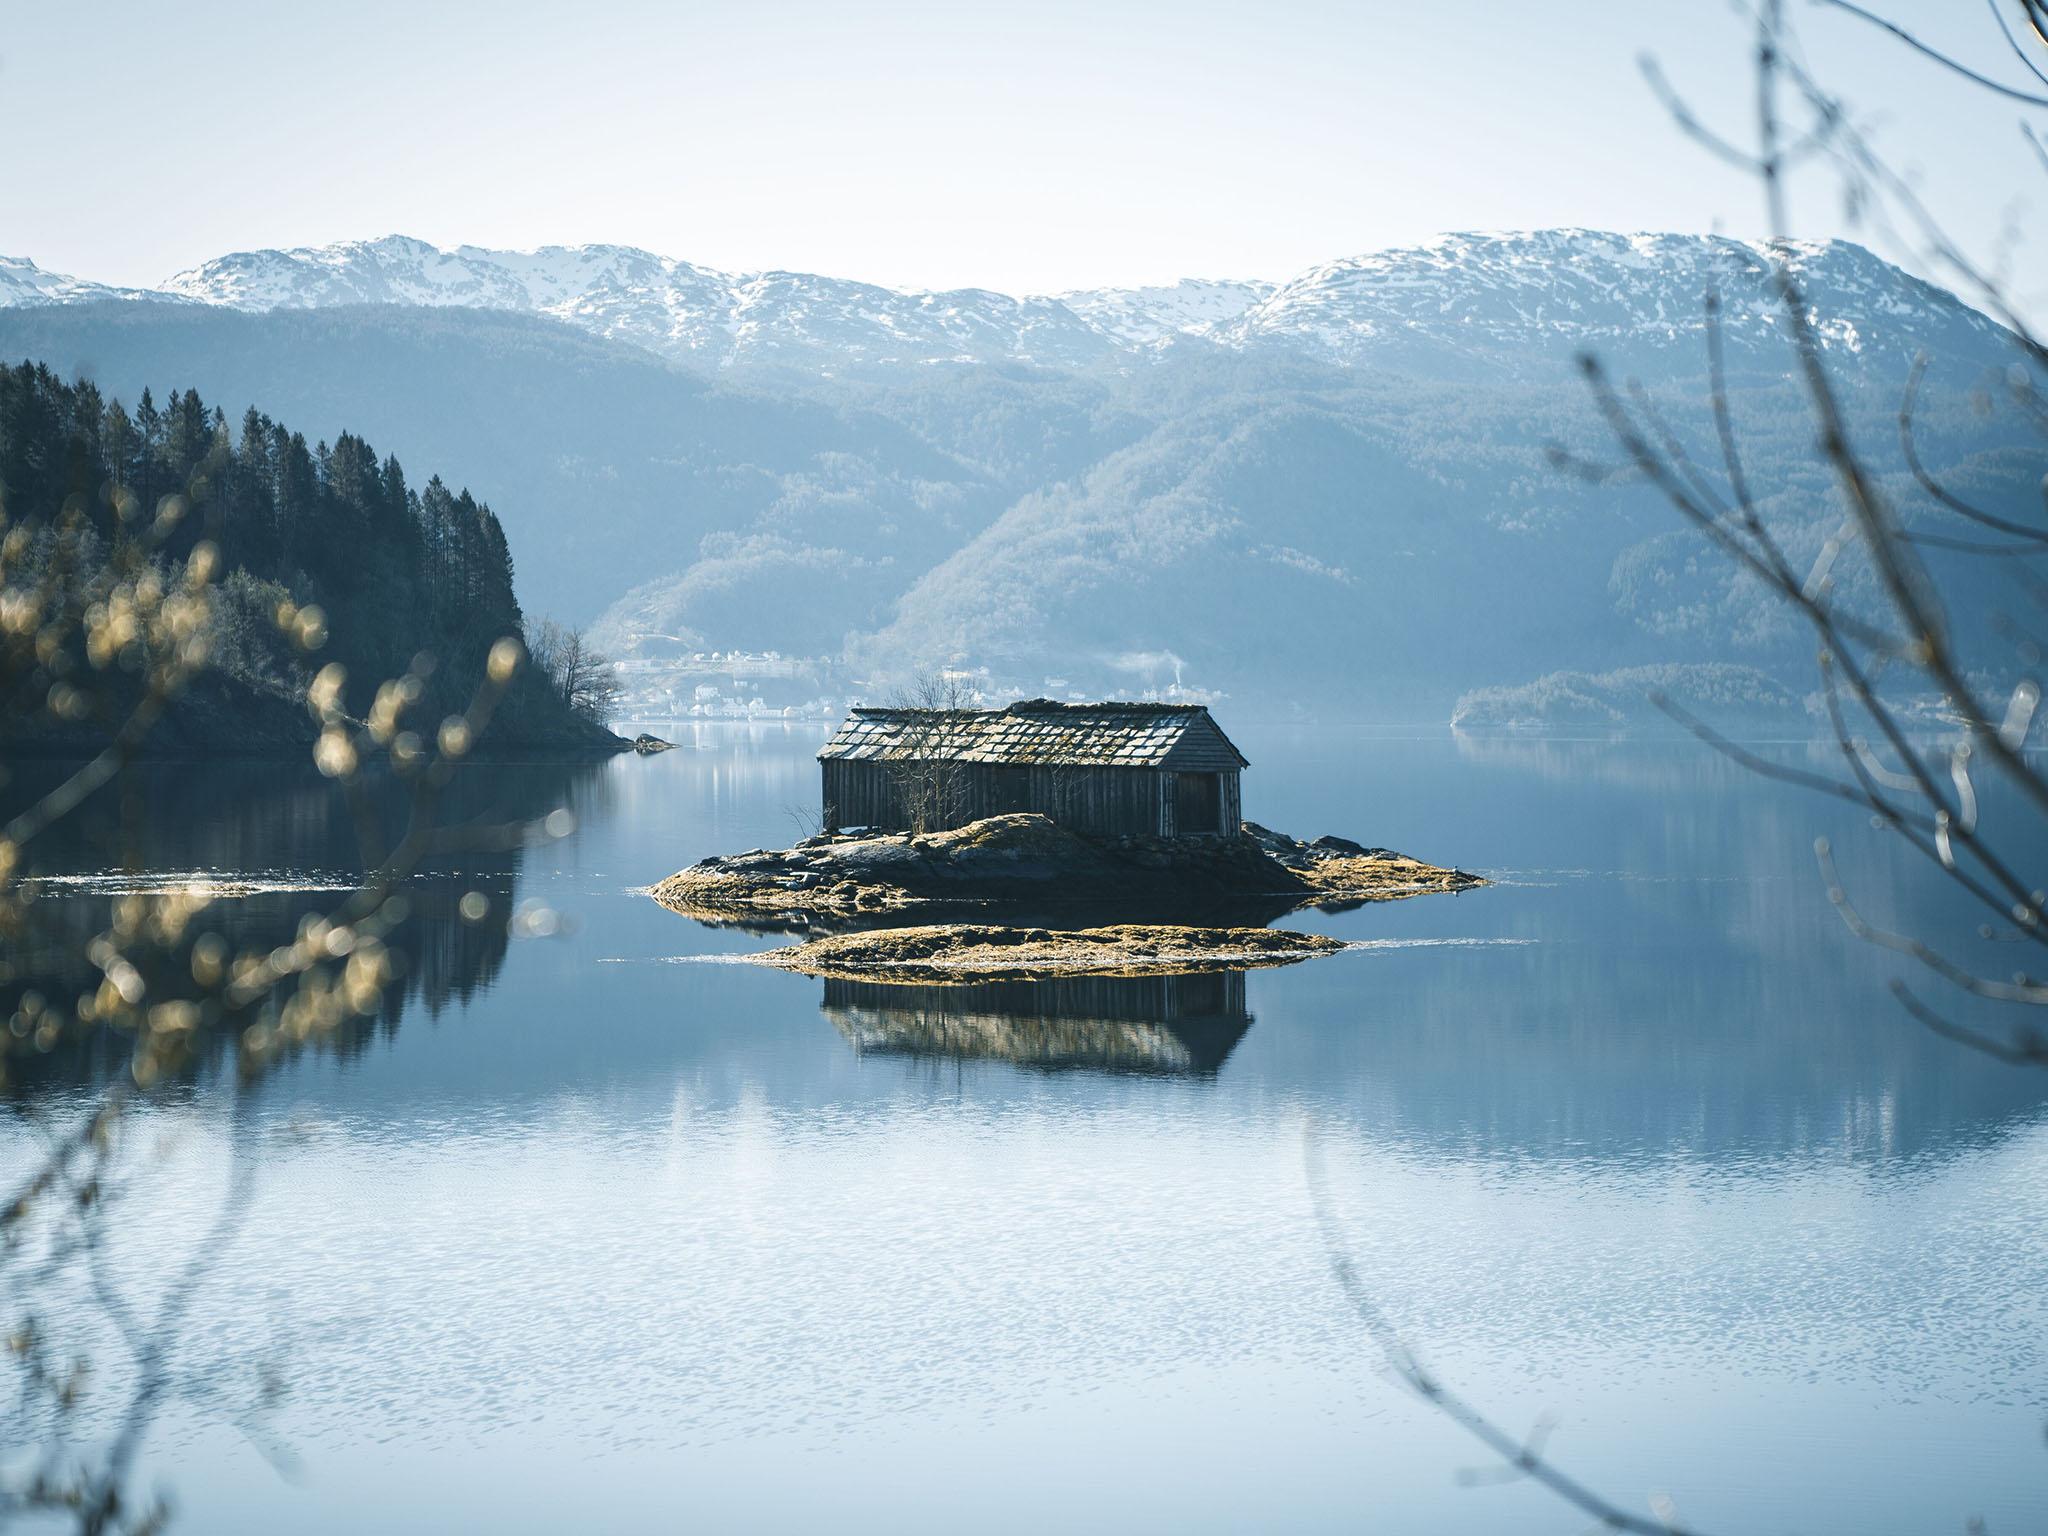 Skandinavien ist bekannt für seine atemberaubenden Landschaftsszenerien. Foto: Hupp Photography.